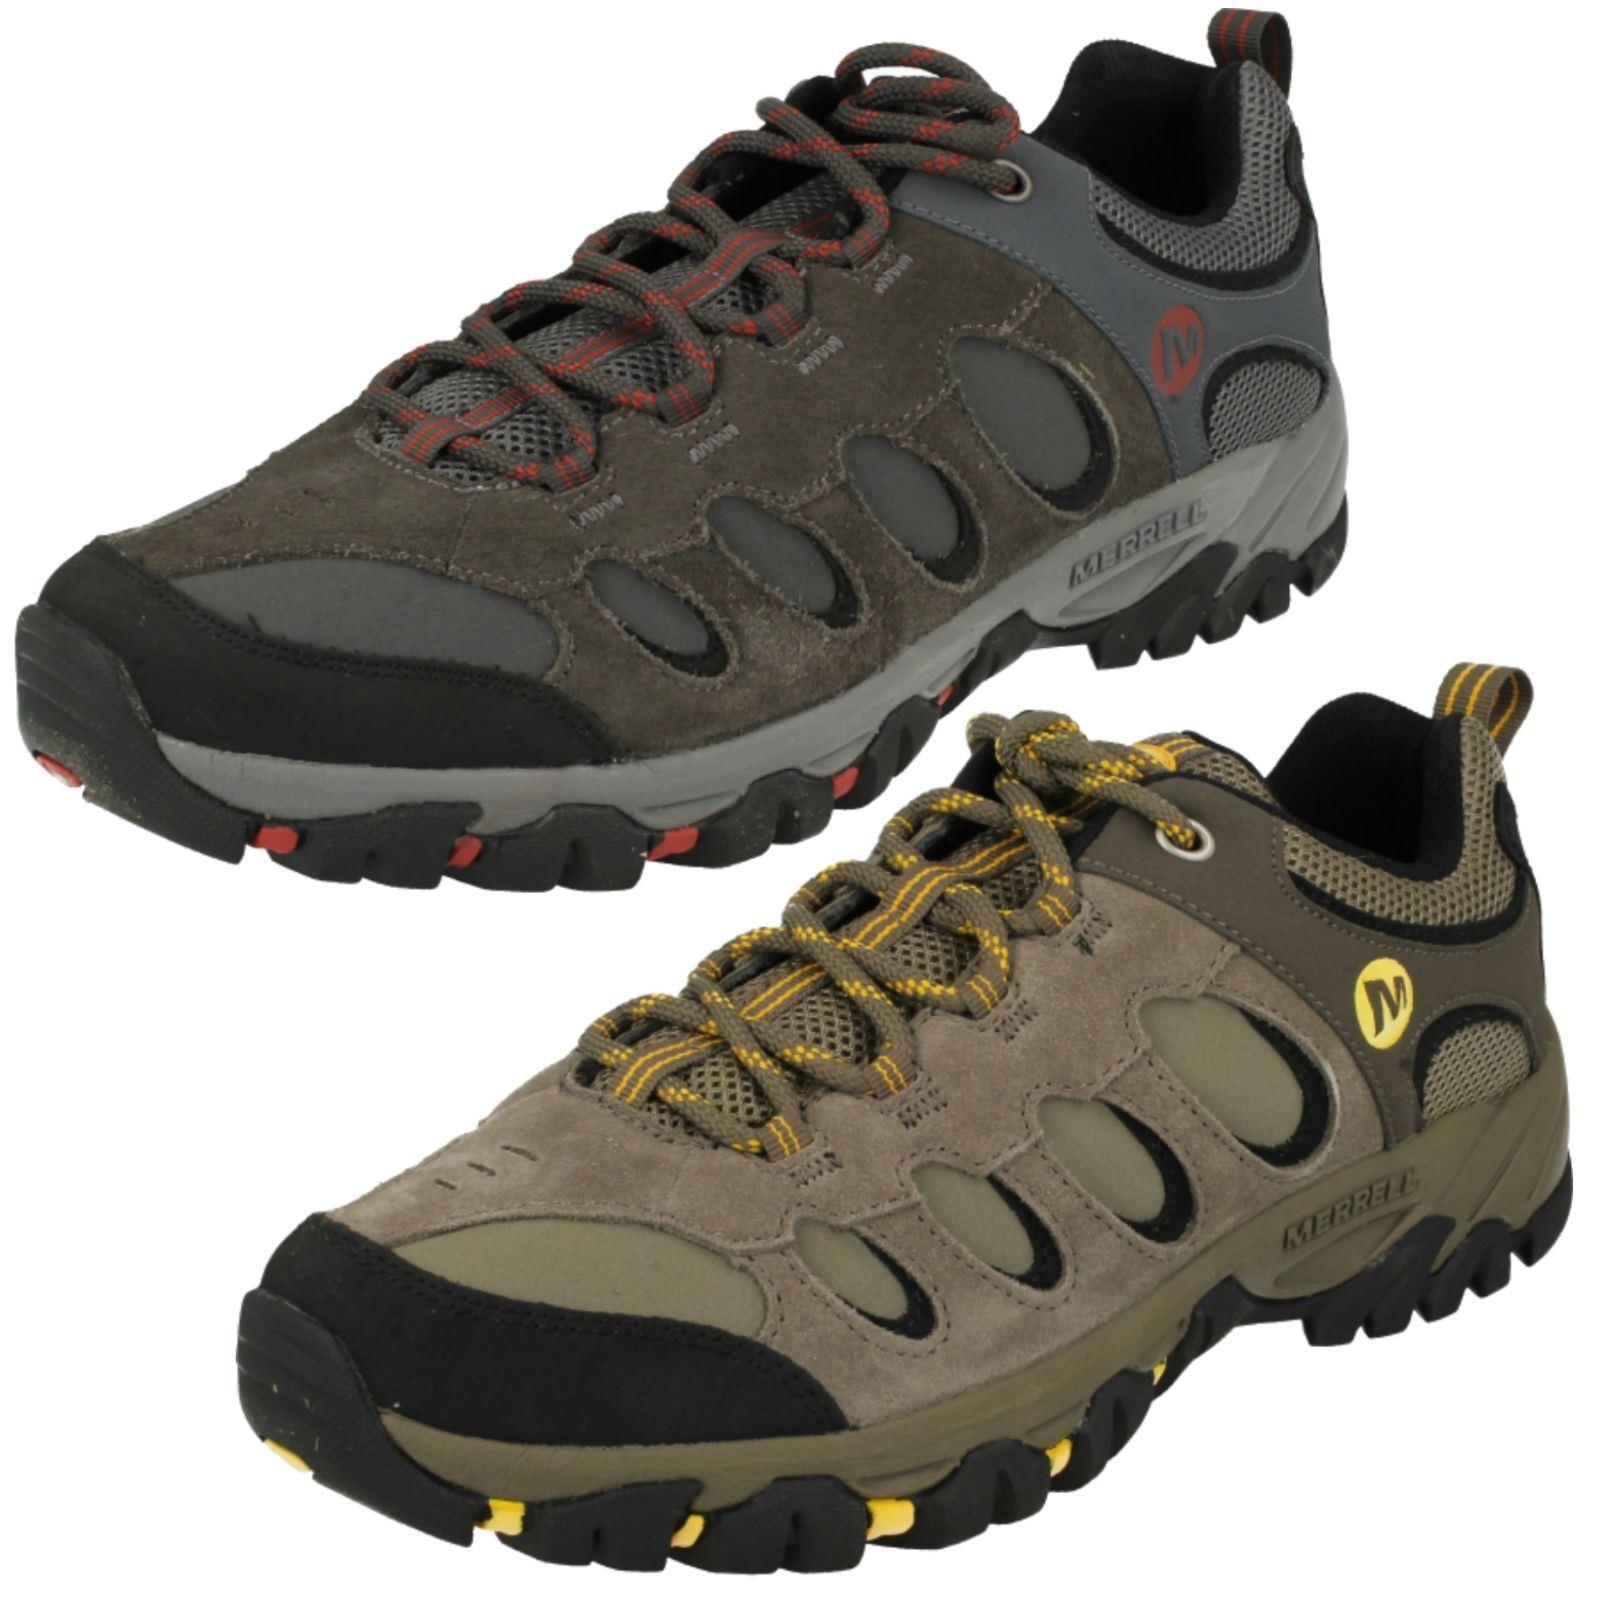 Zapatillas para hombre Merrell 'ridgepass Perno'